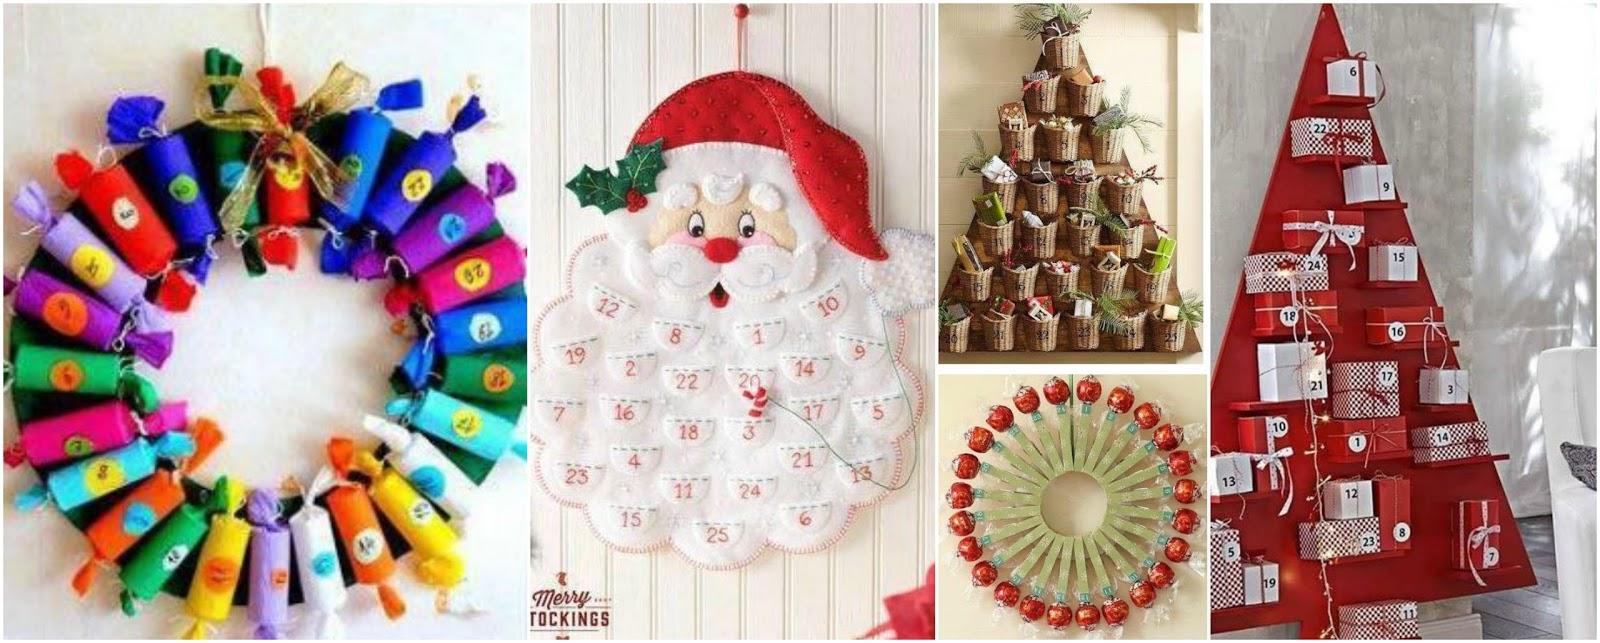 8 Hermosos calendarios de adviento para hacer en navidad Mimundomanual